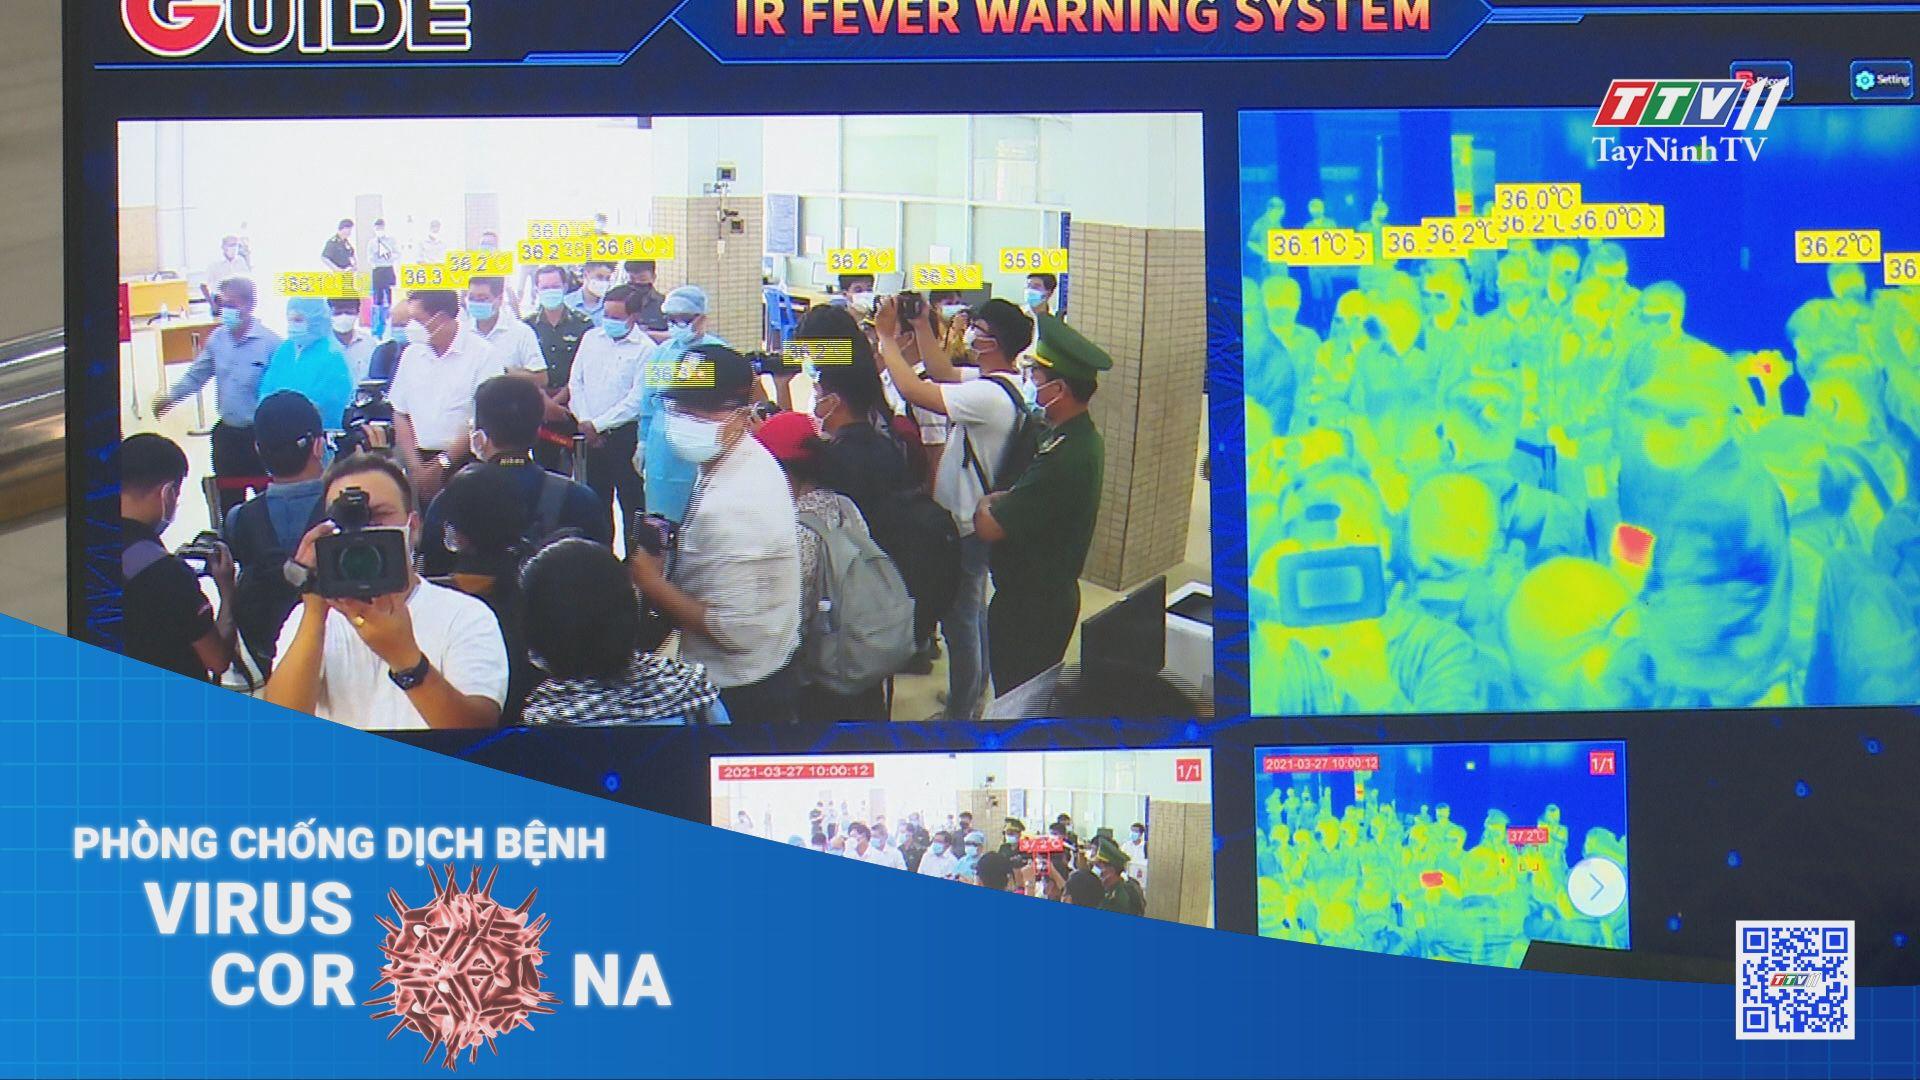 Kiểm soát chặt nguồn lây nhiễm từ các cửa khẩu quốc tế | THÔNG TIN DỊCH CÚM COVID-19 | TayNinhTV